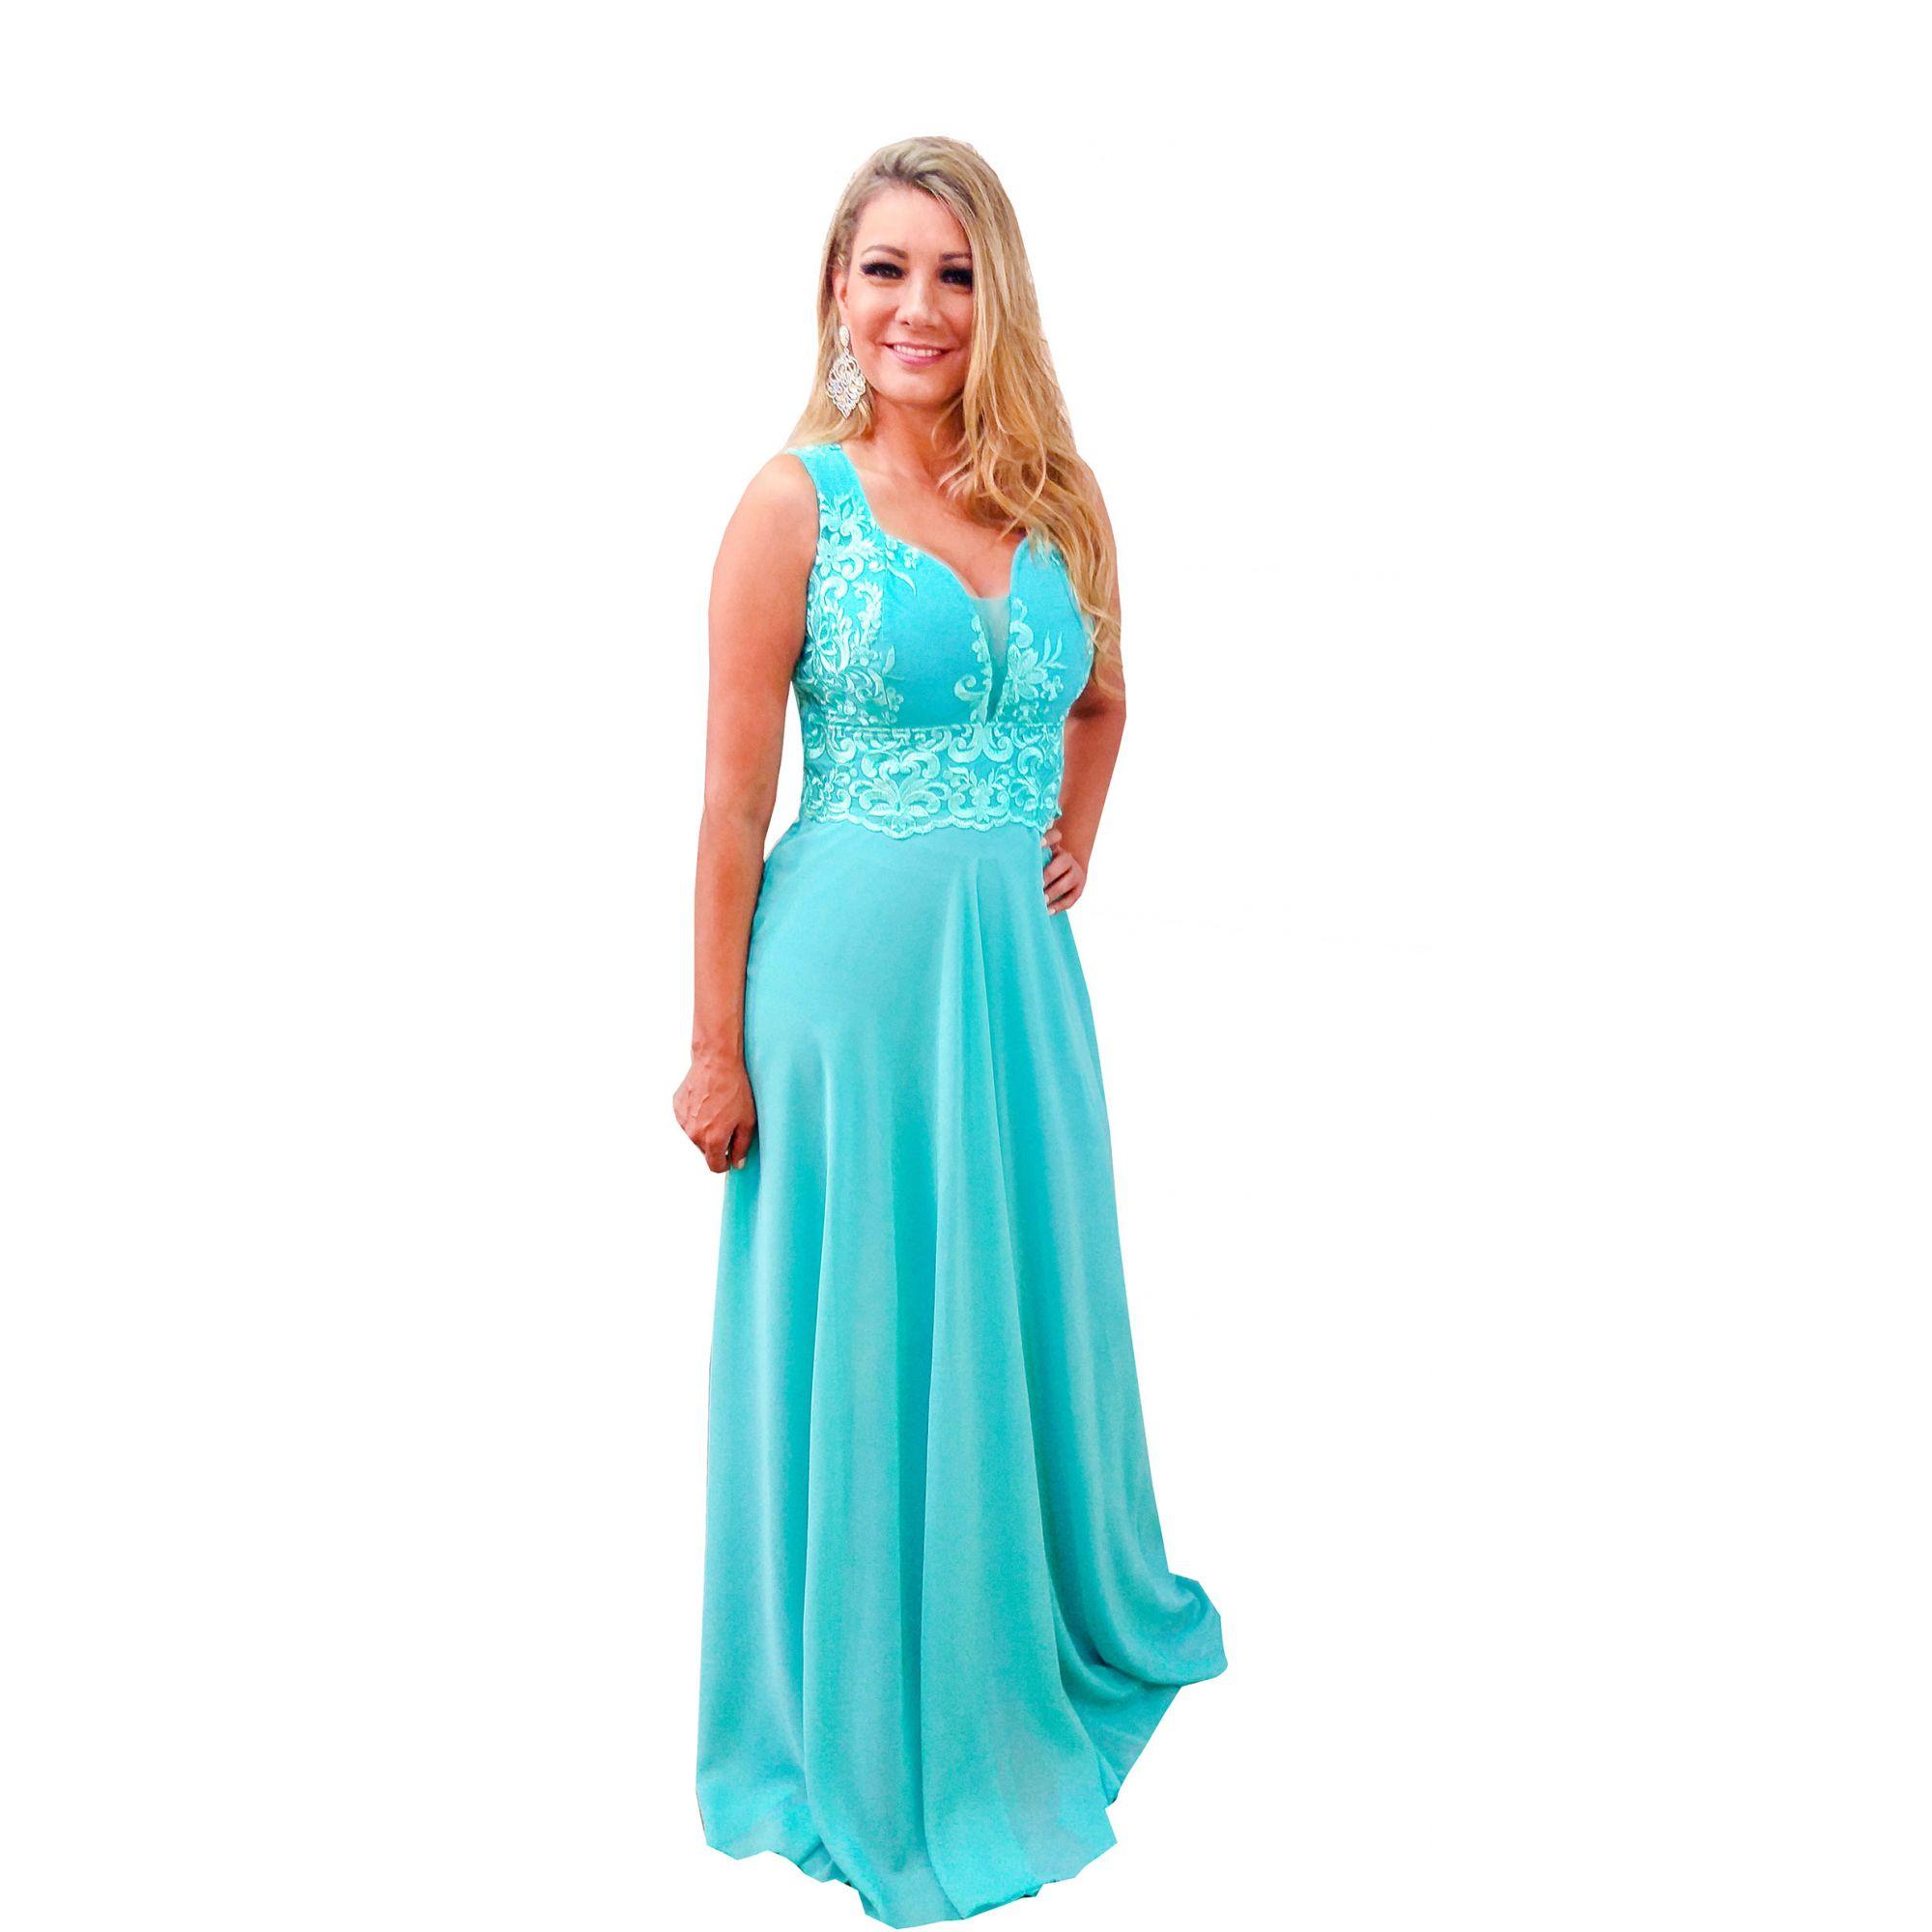 381f443f7 Vestido Festa Verde Tiffany, Lindo Madrinha, Casamento - Grife Velasco